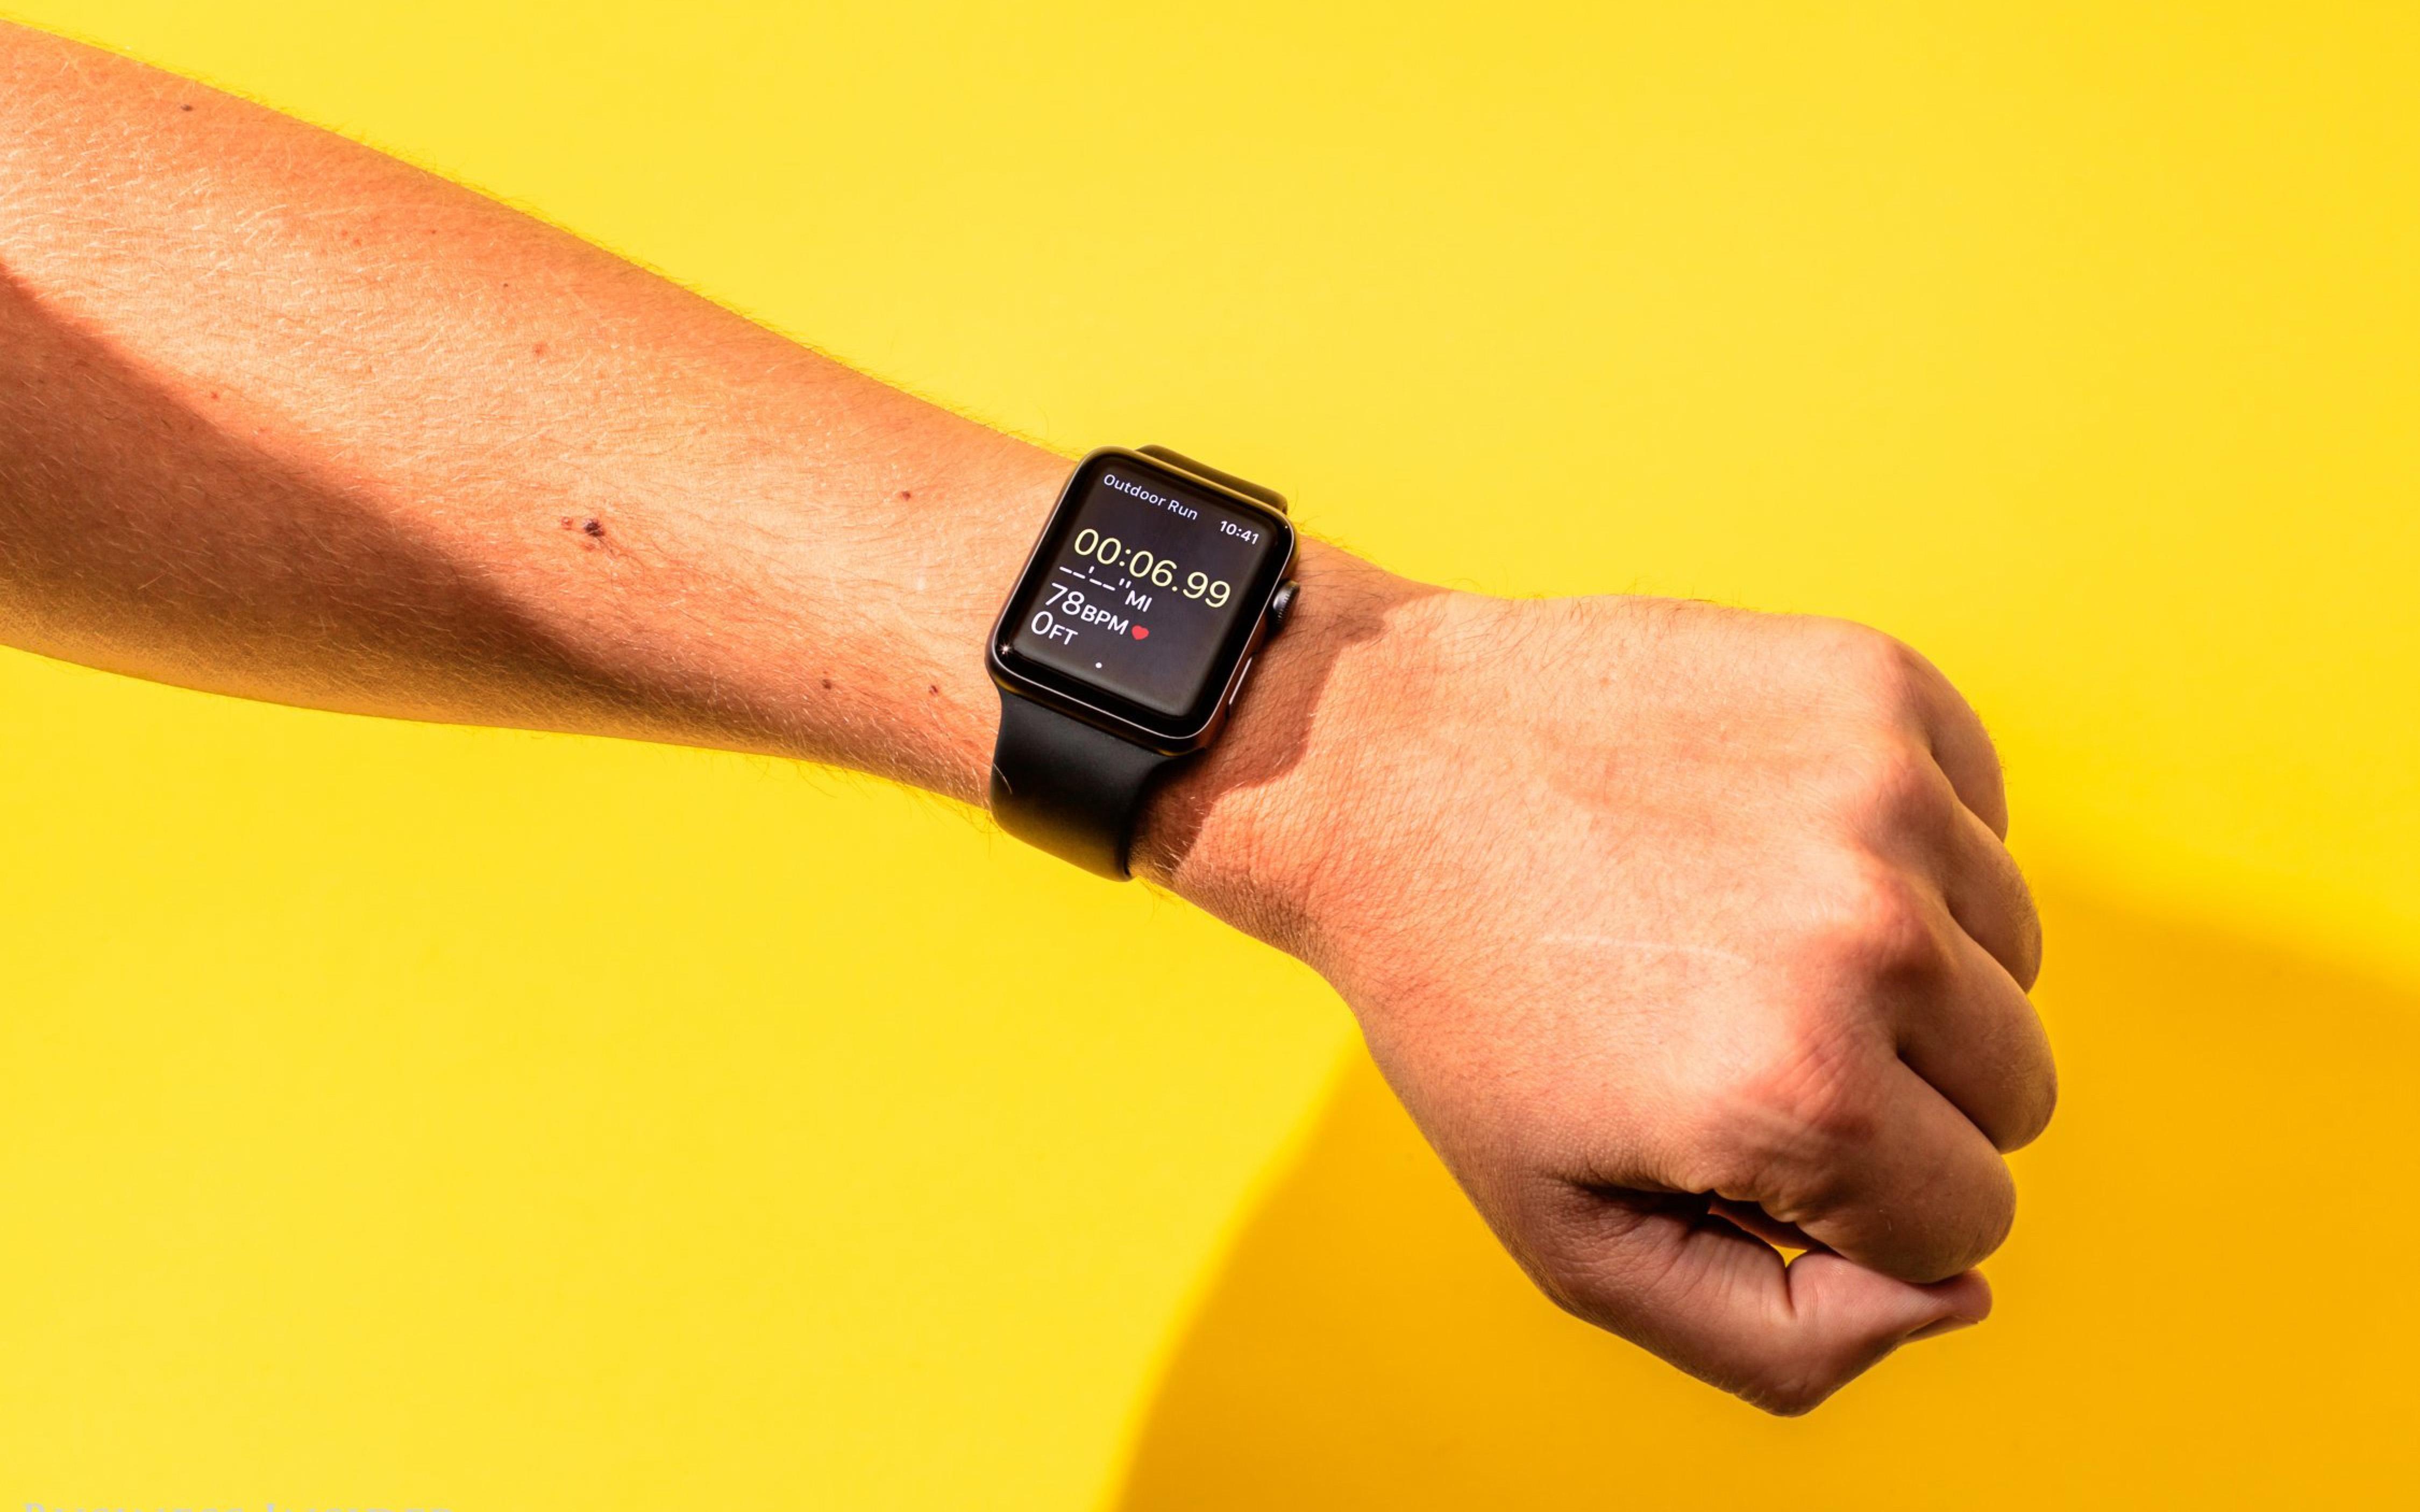 花火日报:Apple Watch 3 或配虚拟 SIM 卡 比尔盖茨捐 46 亿美元股票做慈善